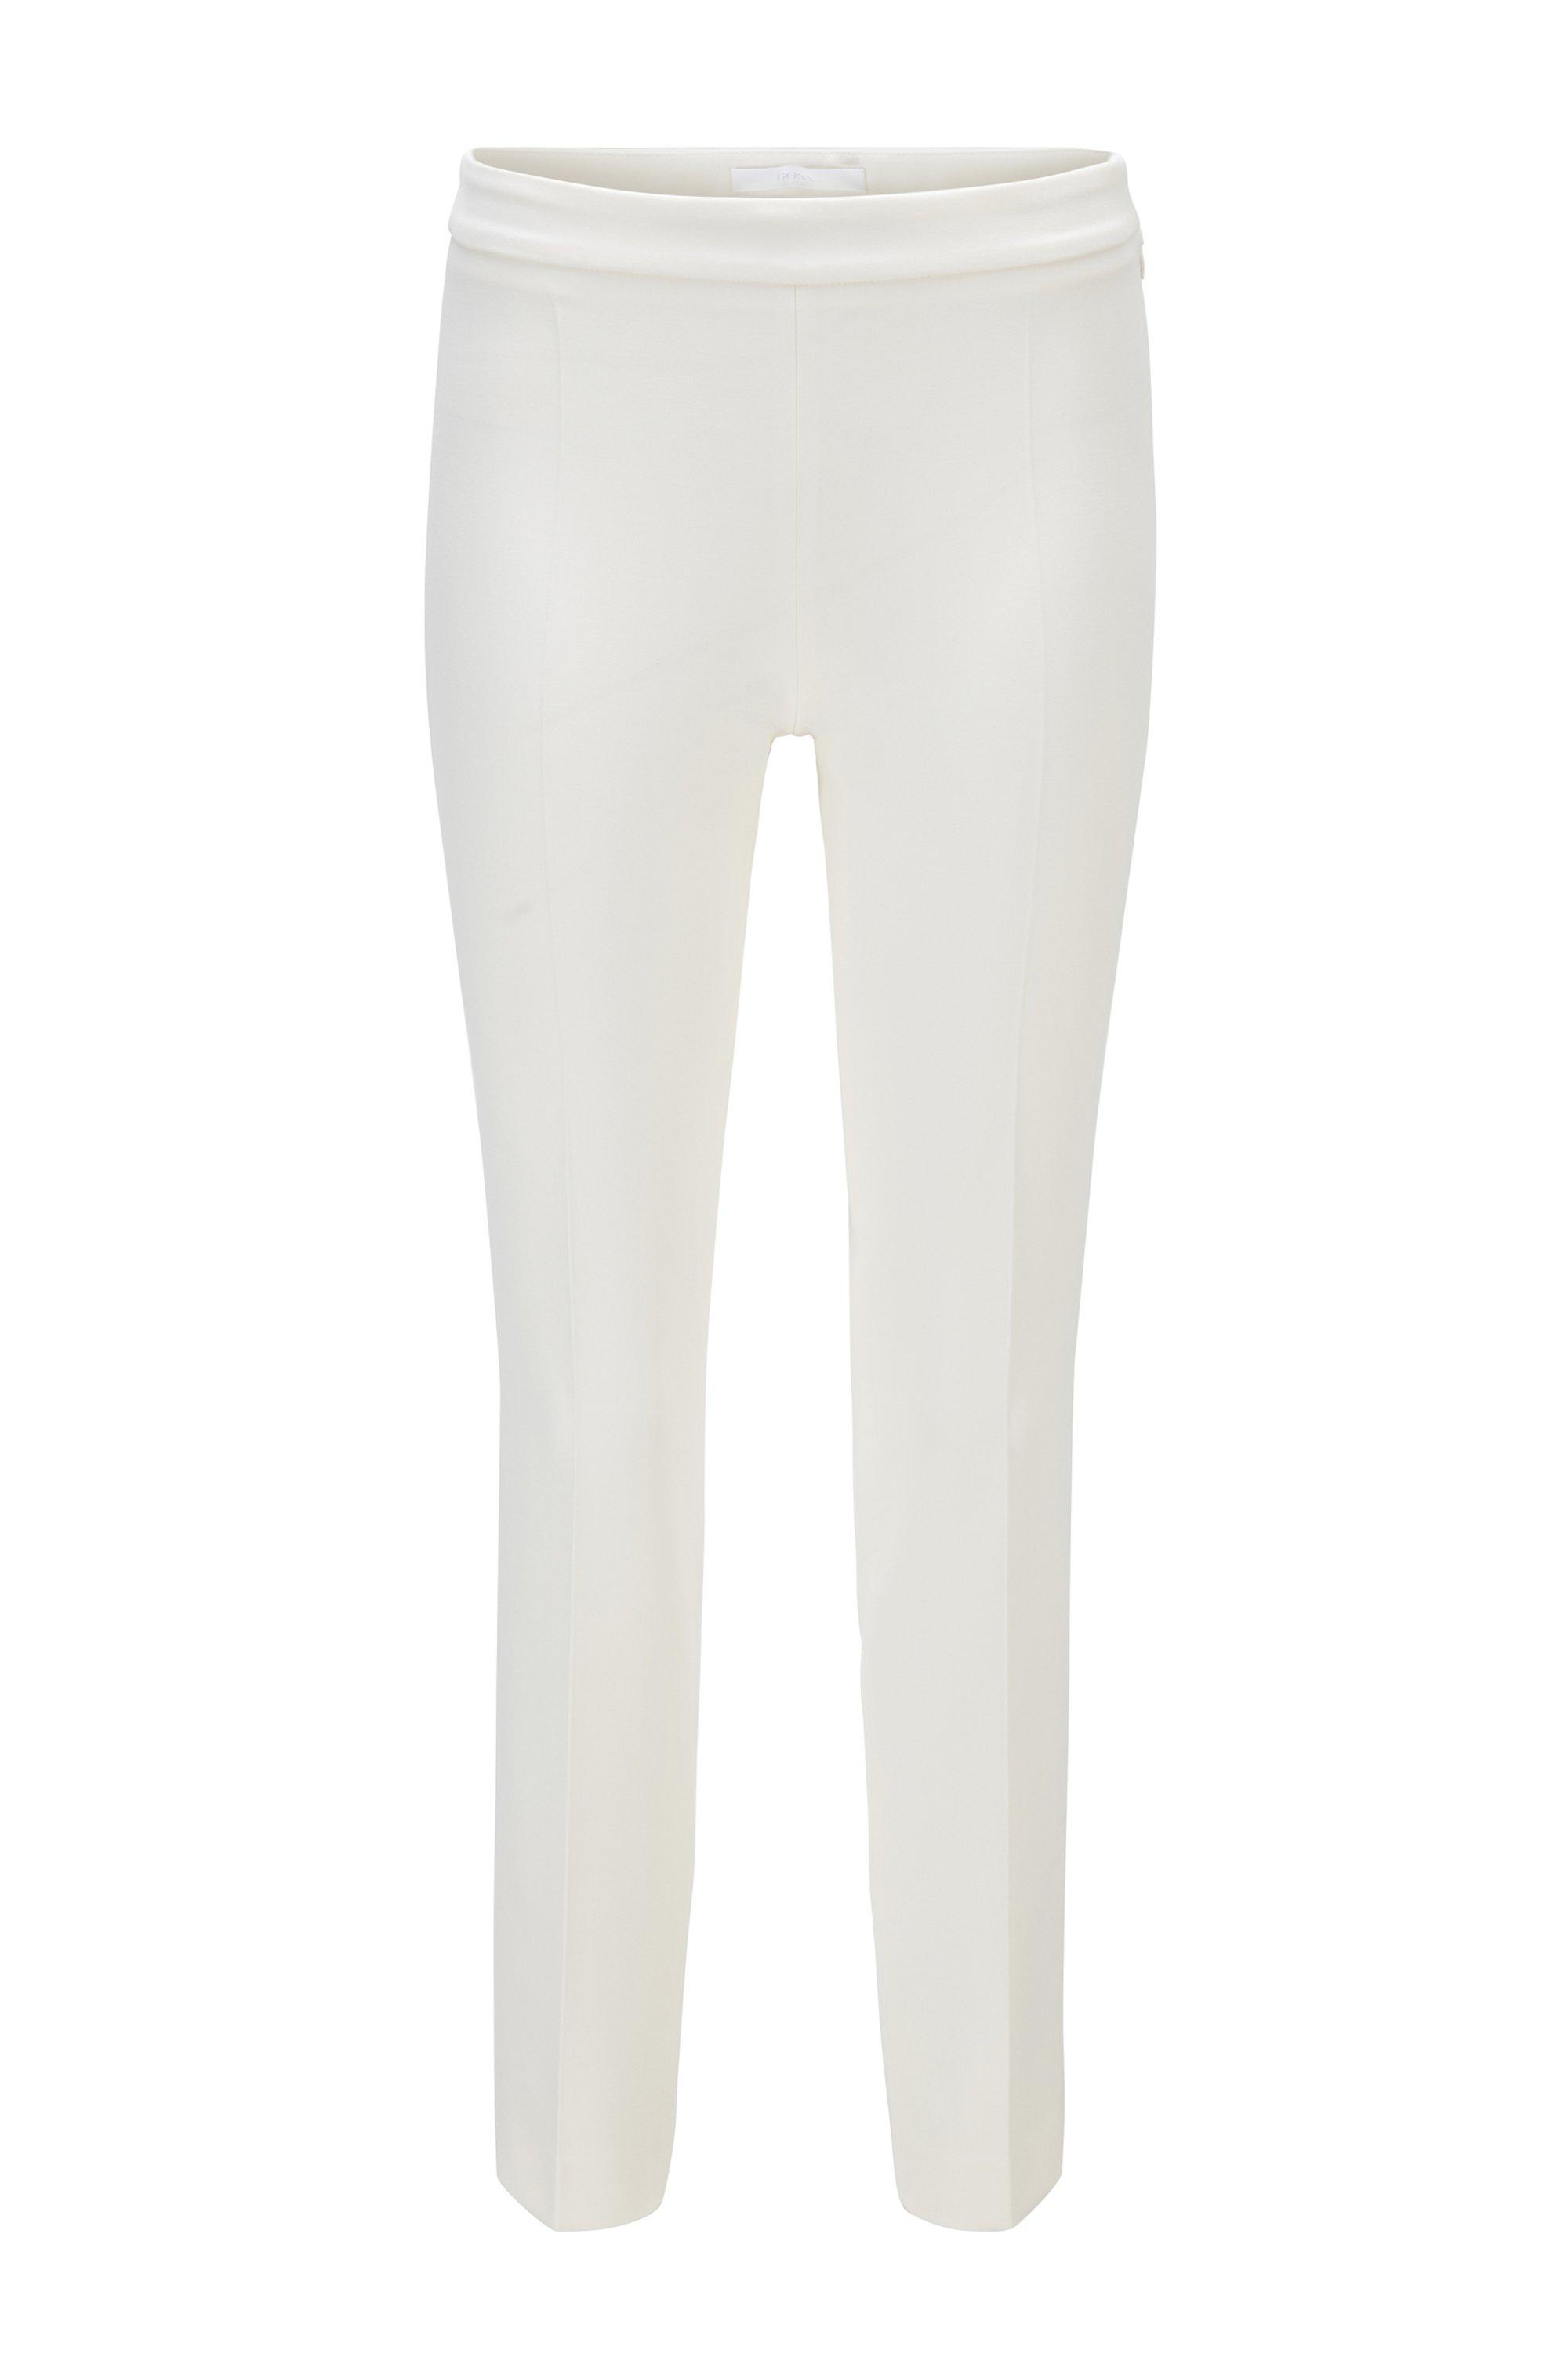 Pantalon en tissu stretch portugais, à la coupe courte et étroite, Blanc